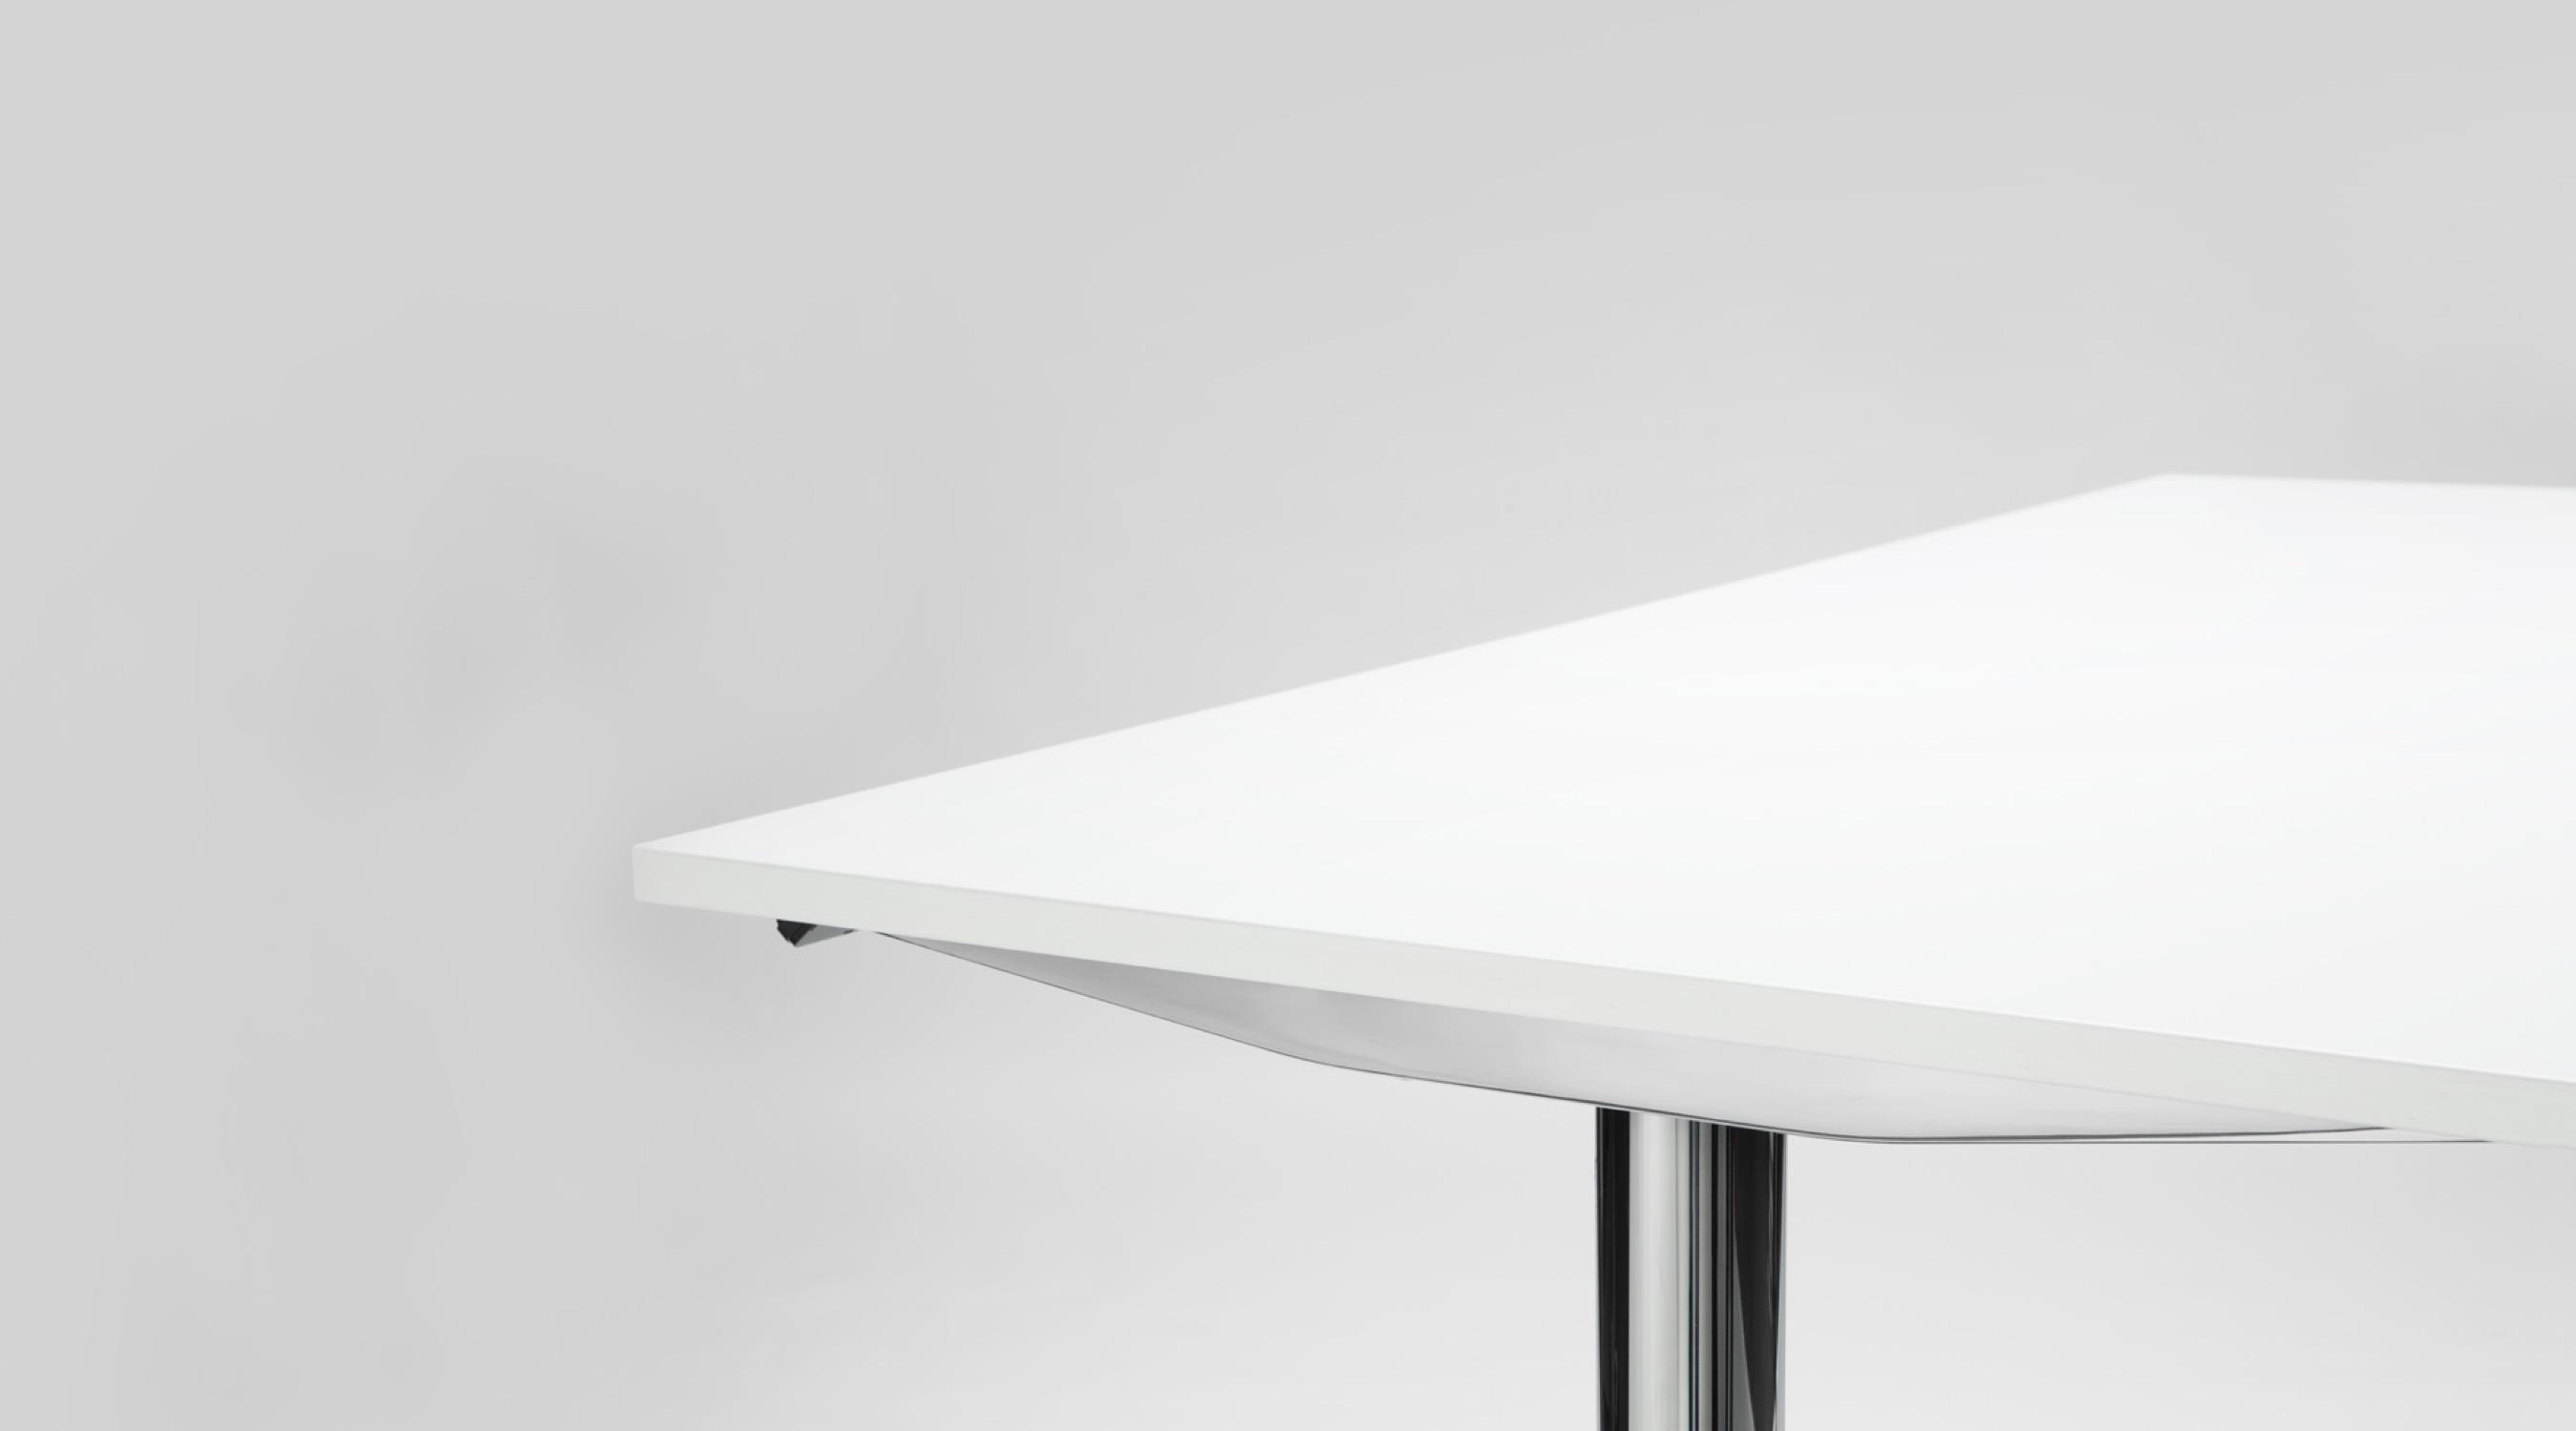 Bureaux et tables pour des espaces de travail flexibles kinnarps